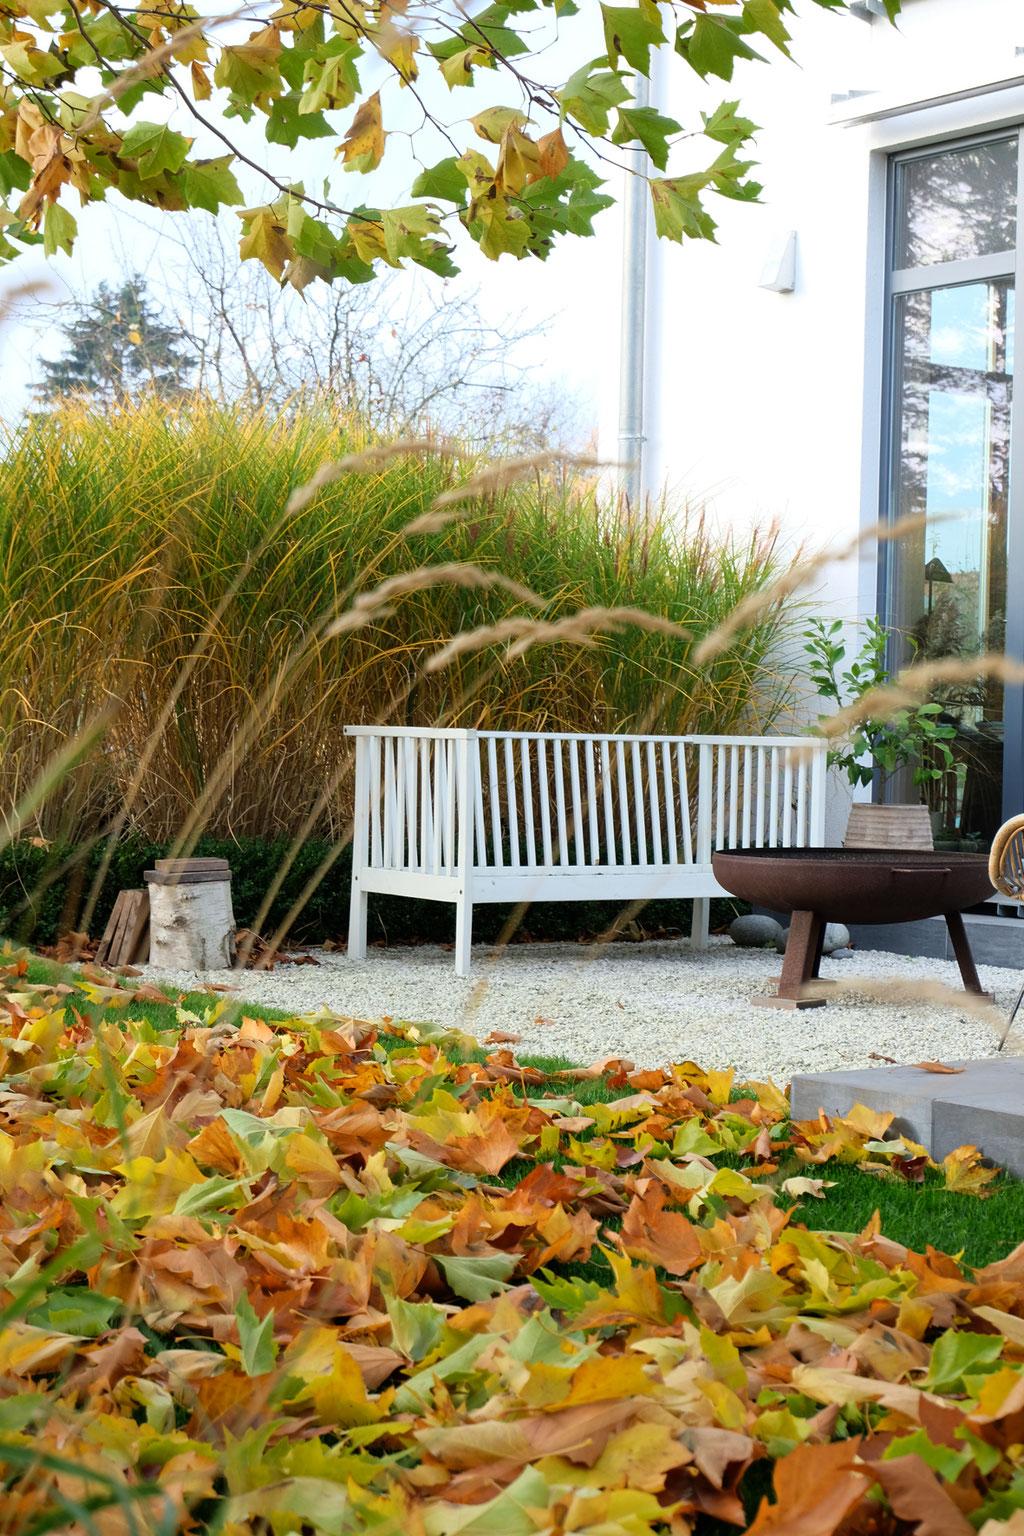 dieartigeGARTEN - Novembergarten | Platanen-Laub, Herbstlaub, goldener Herbst, Blattgold+Gartenbank